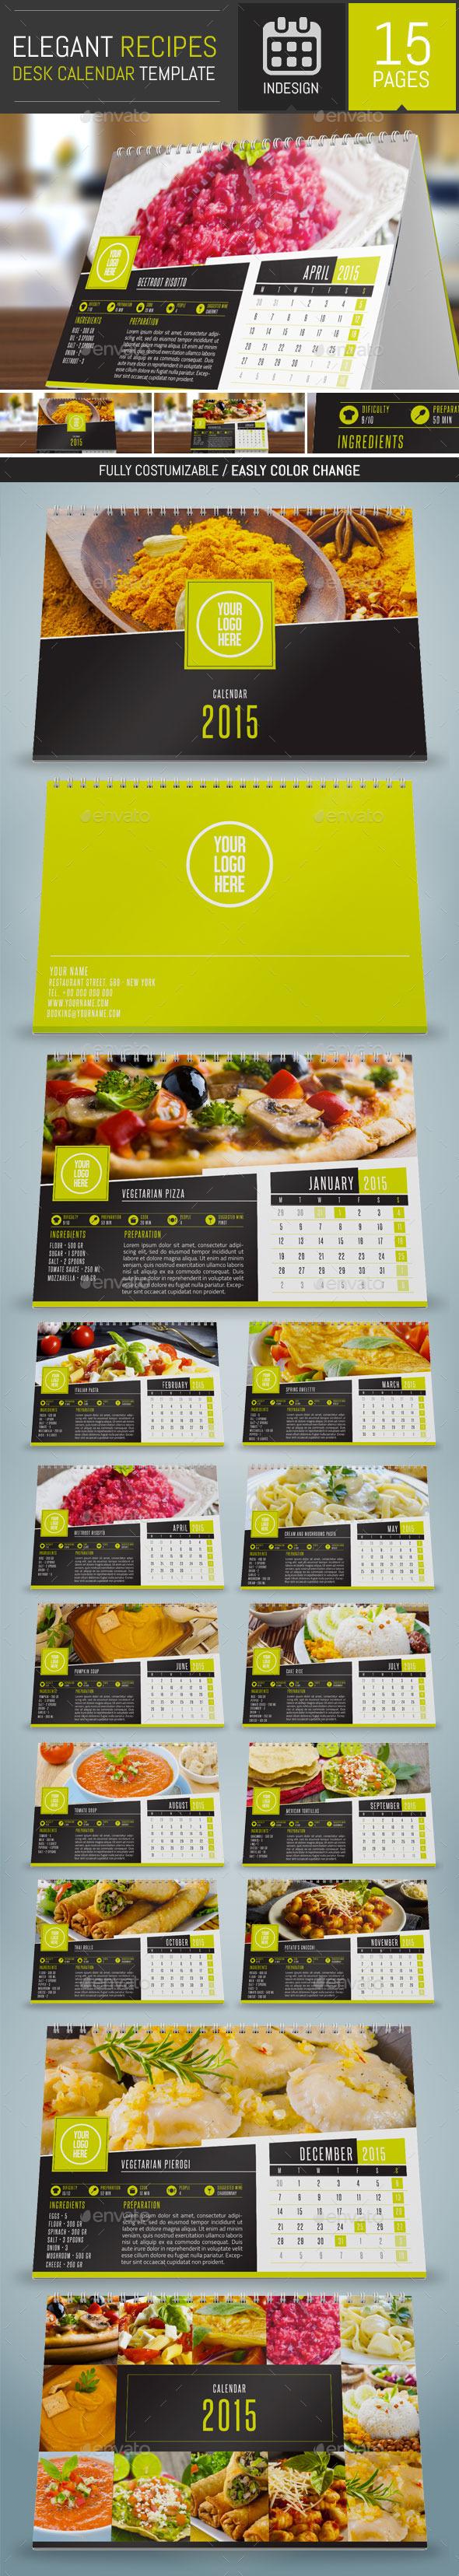 Elegant Desk Calendar Design : Elegant recipes desk calendar template graphicriver